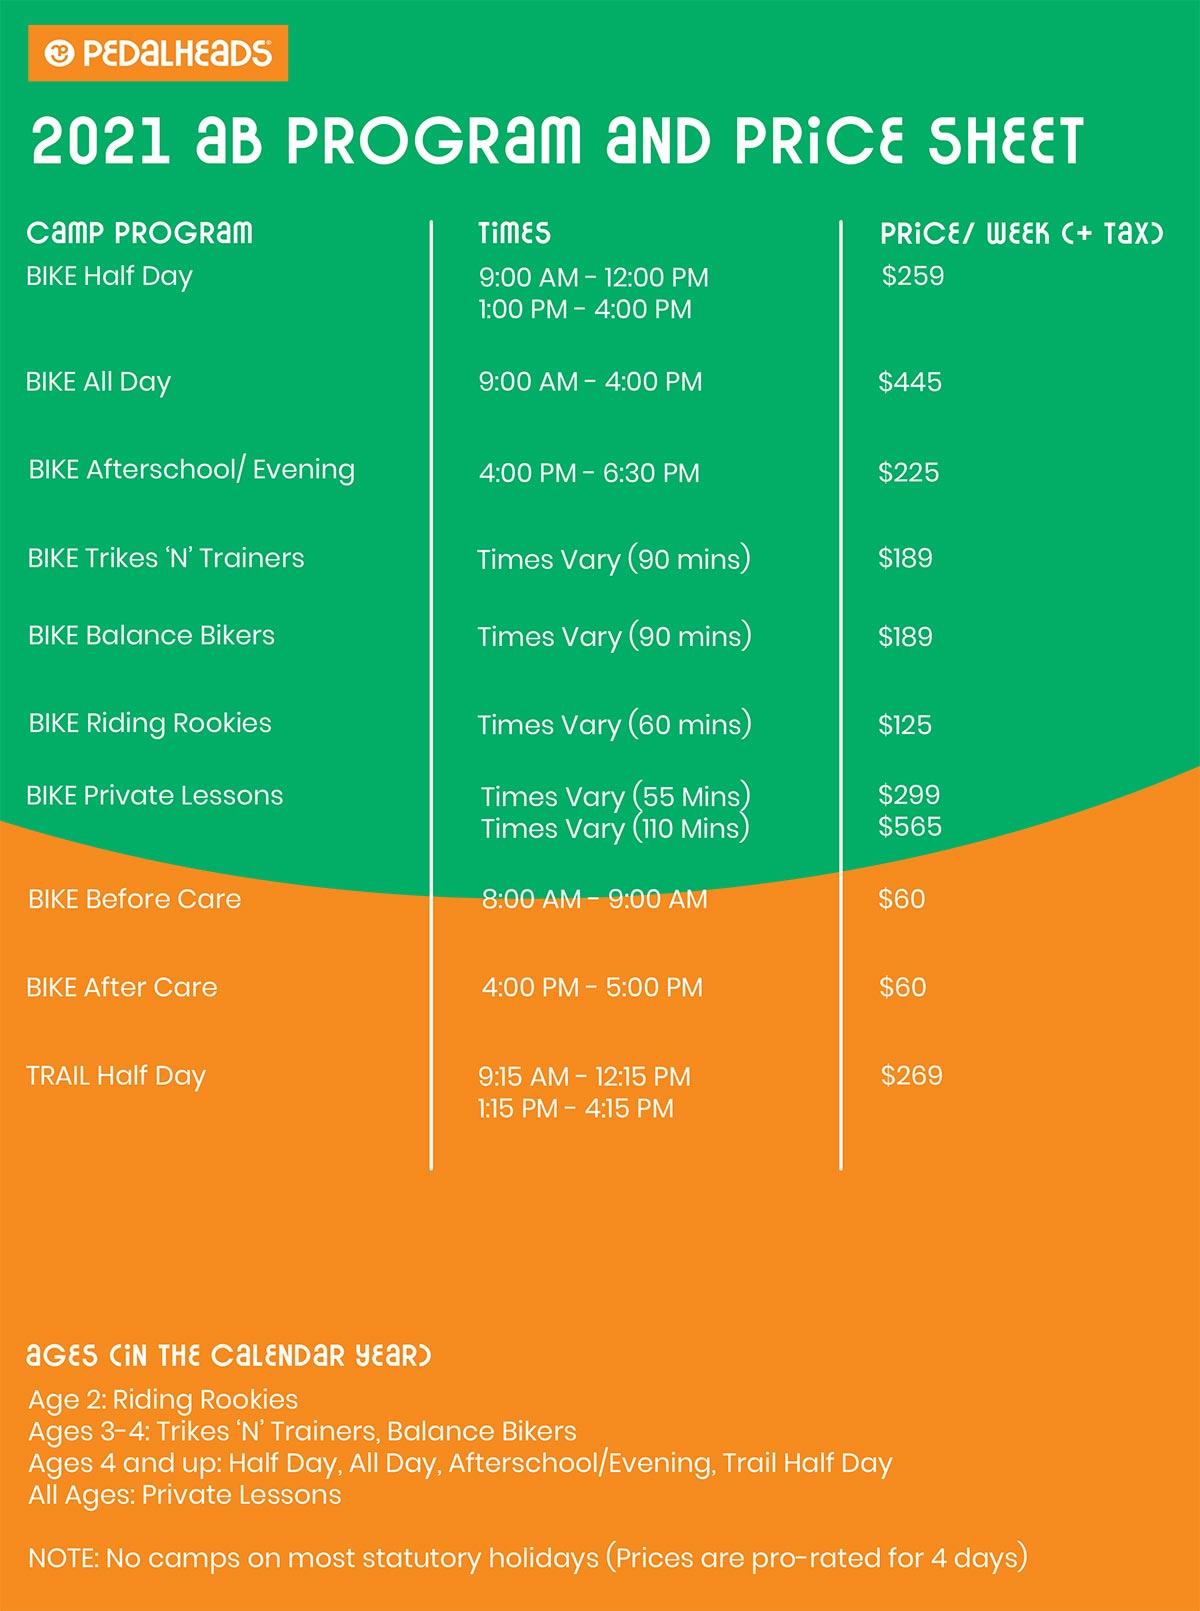 Alberta Price Sheet